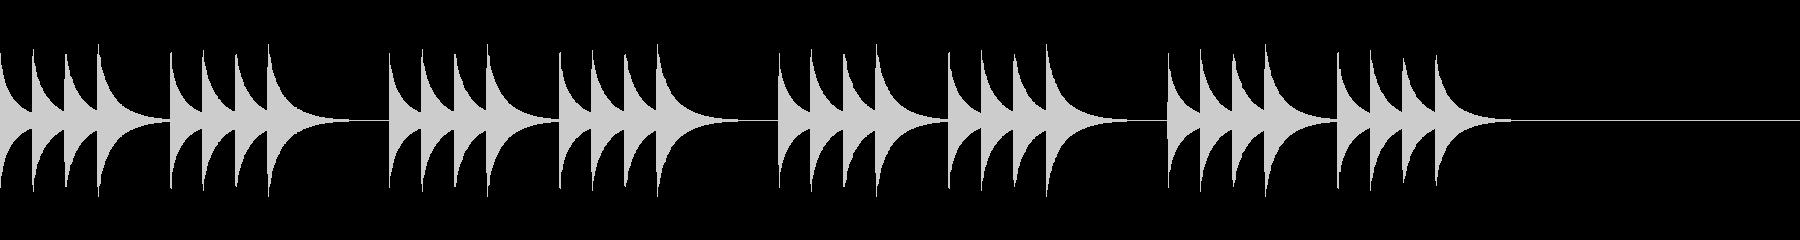 柔らかいコール音07の未再生の波形